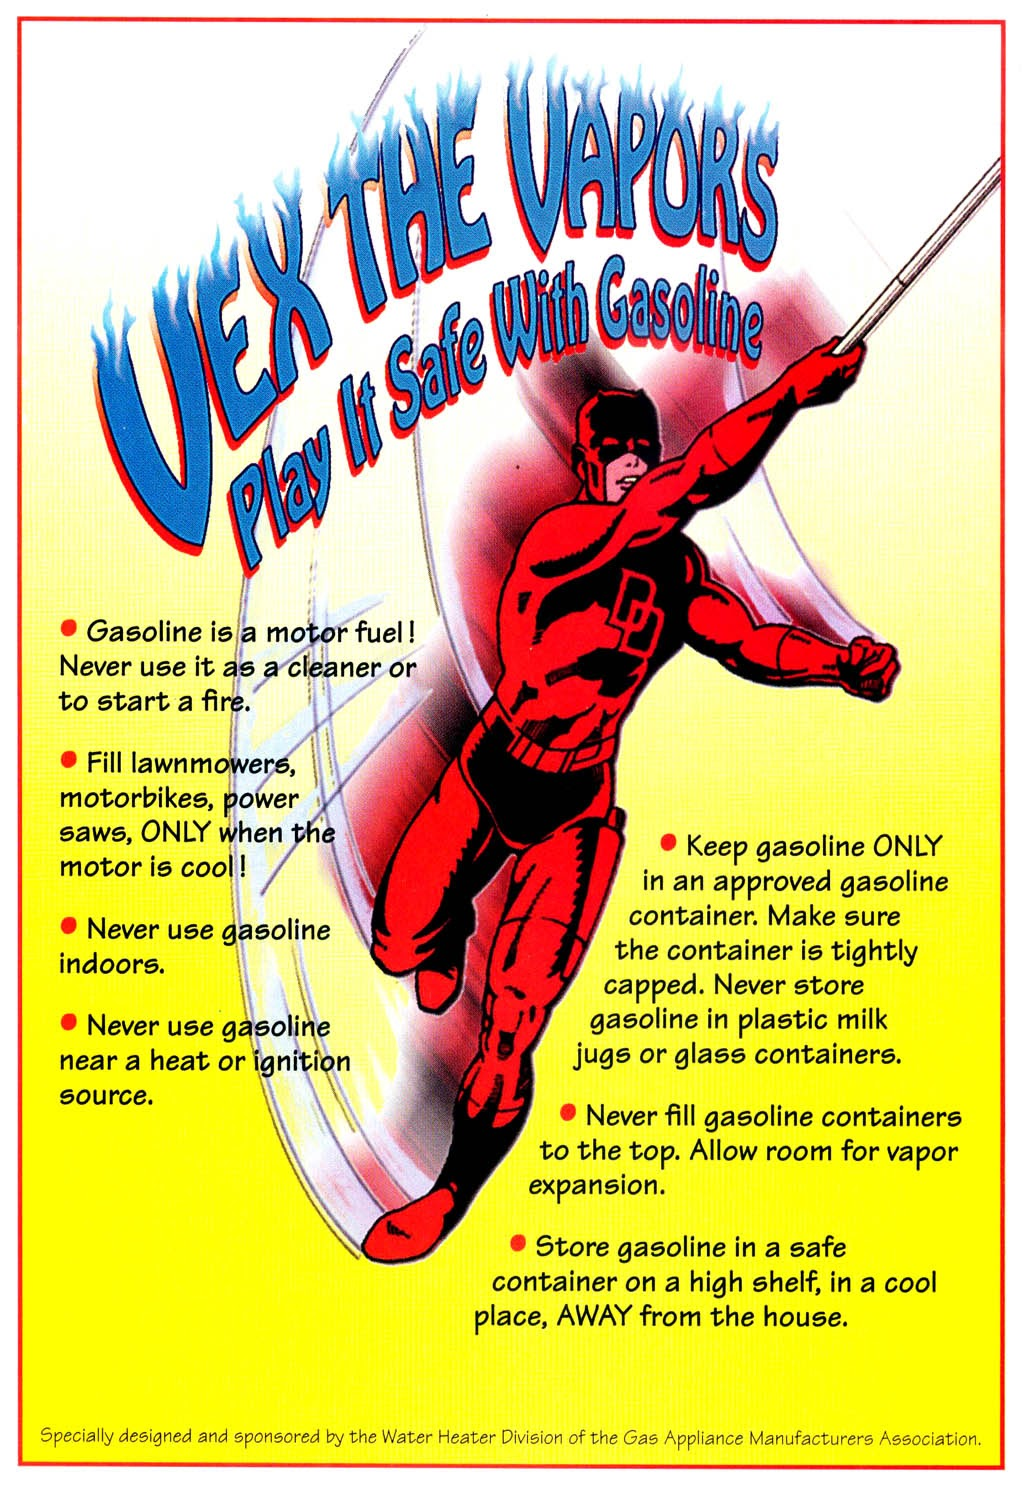 Read online Daredevil vs. Vapora comic -  Issue # Full - 19